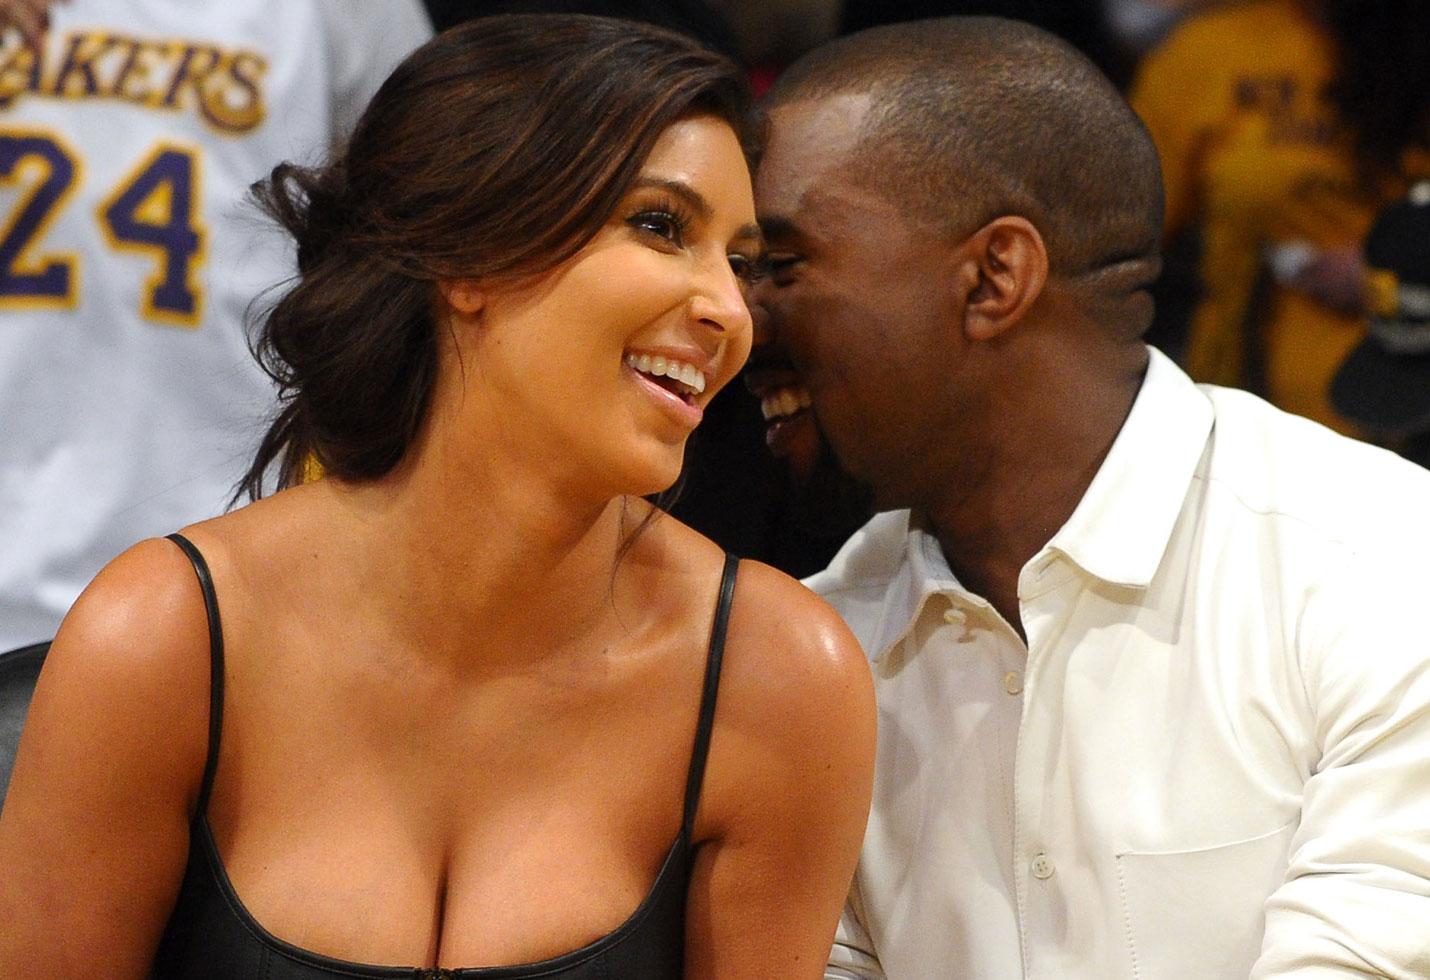 Kim kardashian kanye west valentines day relationship update